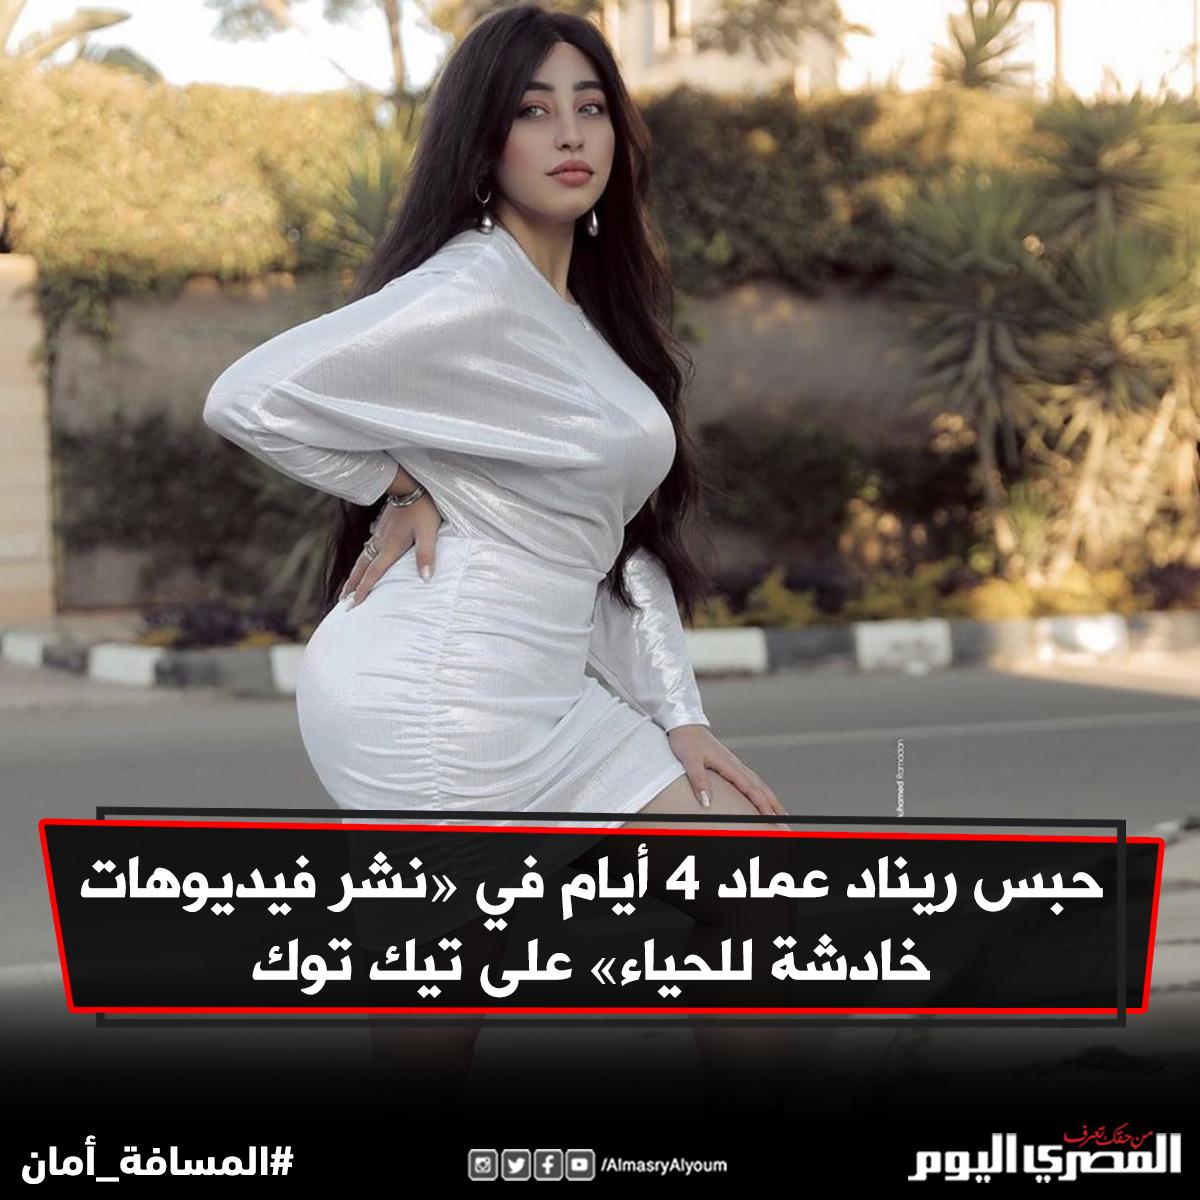 صحيفة المصري اليوم   حبس #ريناد_عماد 4 أيام في «نشر فيديوهات خادشة للحياء»  على #تيك_توك